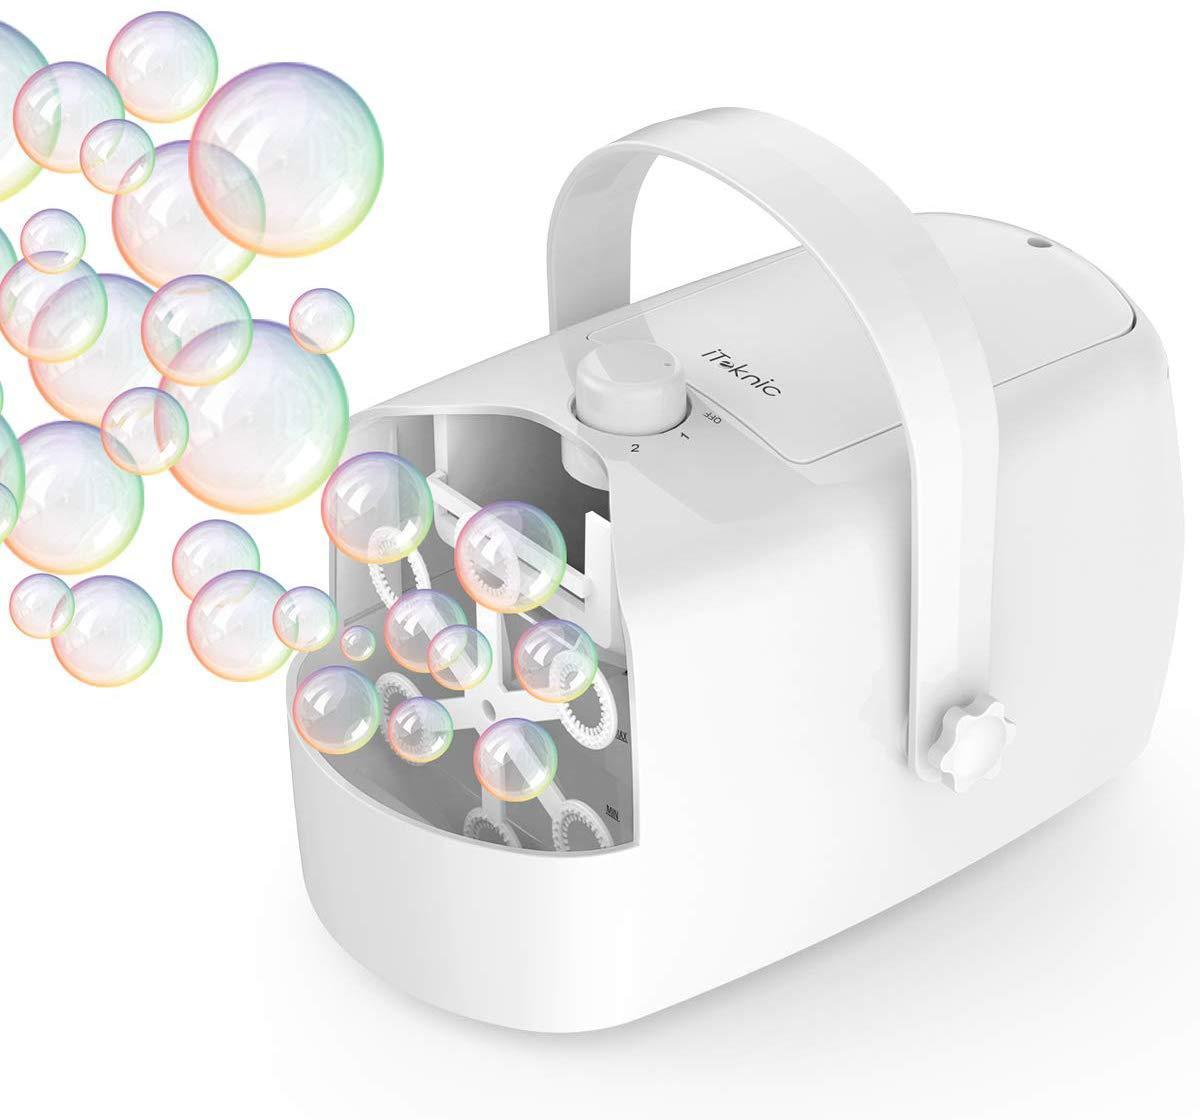 photo of bubble making machine